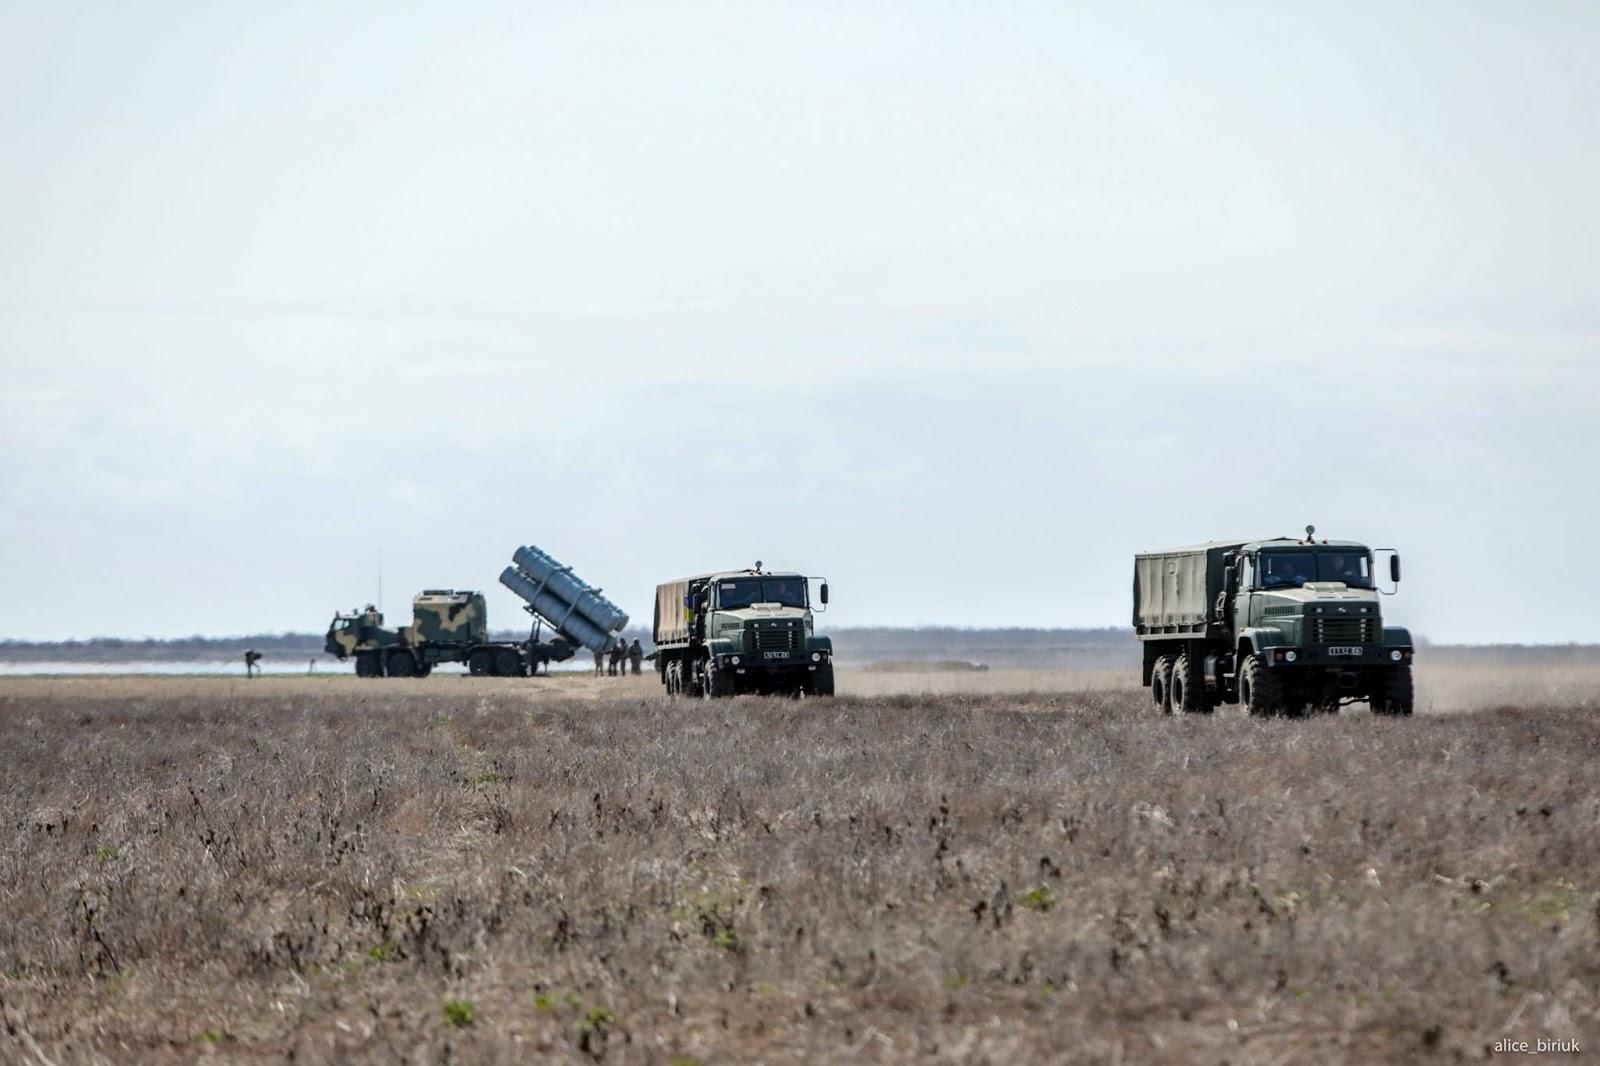 бойові стрільби берегового комплексу протикорабельних крилатих ракет Нептун